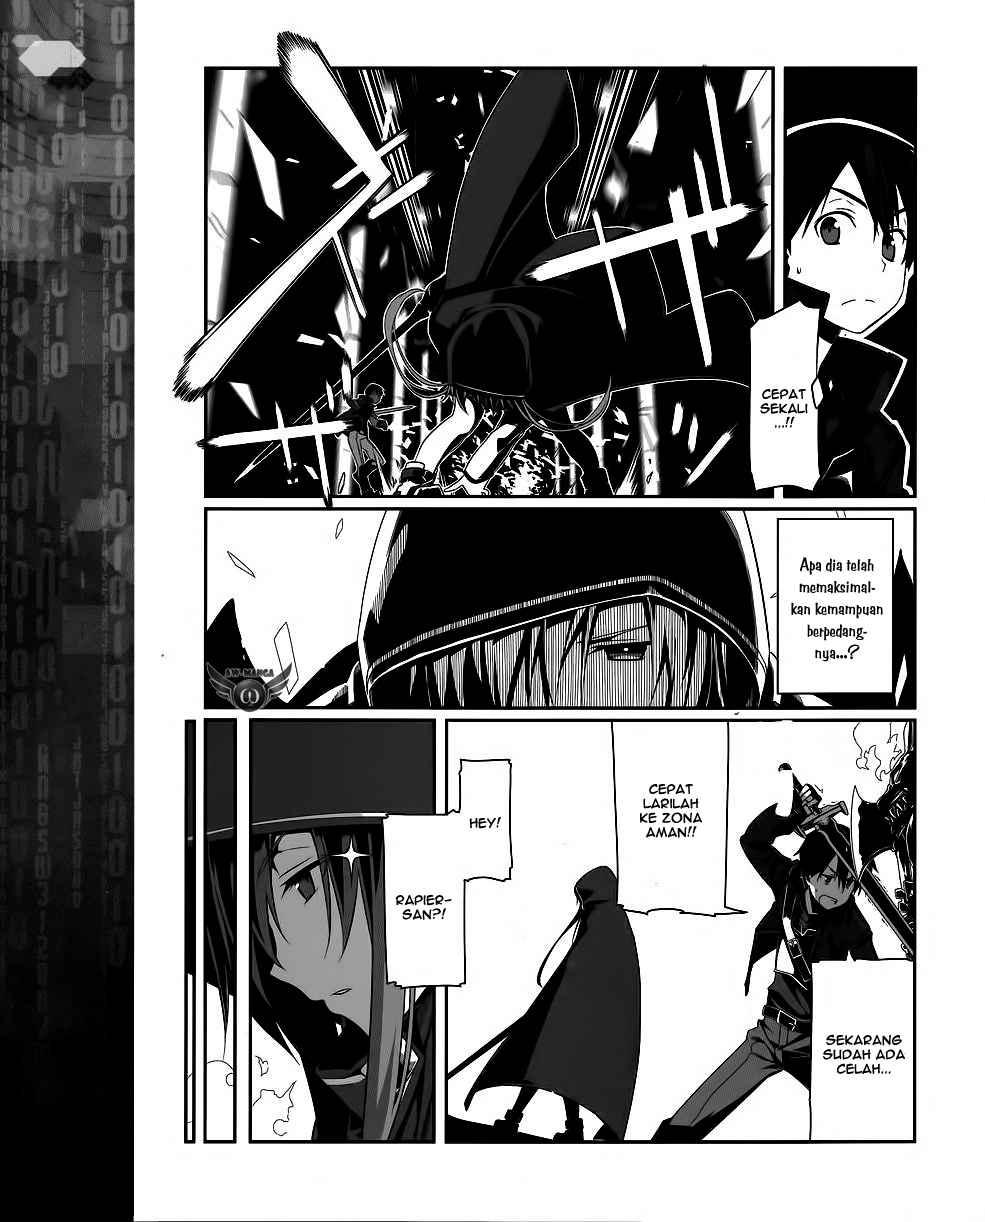 Komik sword art online progressive 002 - lebih cepat dari siapapun 3 Indonesia sword art online progressive 002 - lebih cepat dari siapapun Terbaru 7|Baca Manga Komik Indonesia|Mangacan